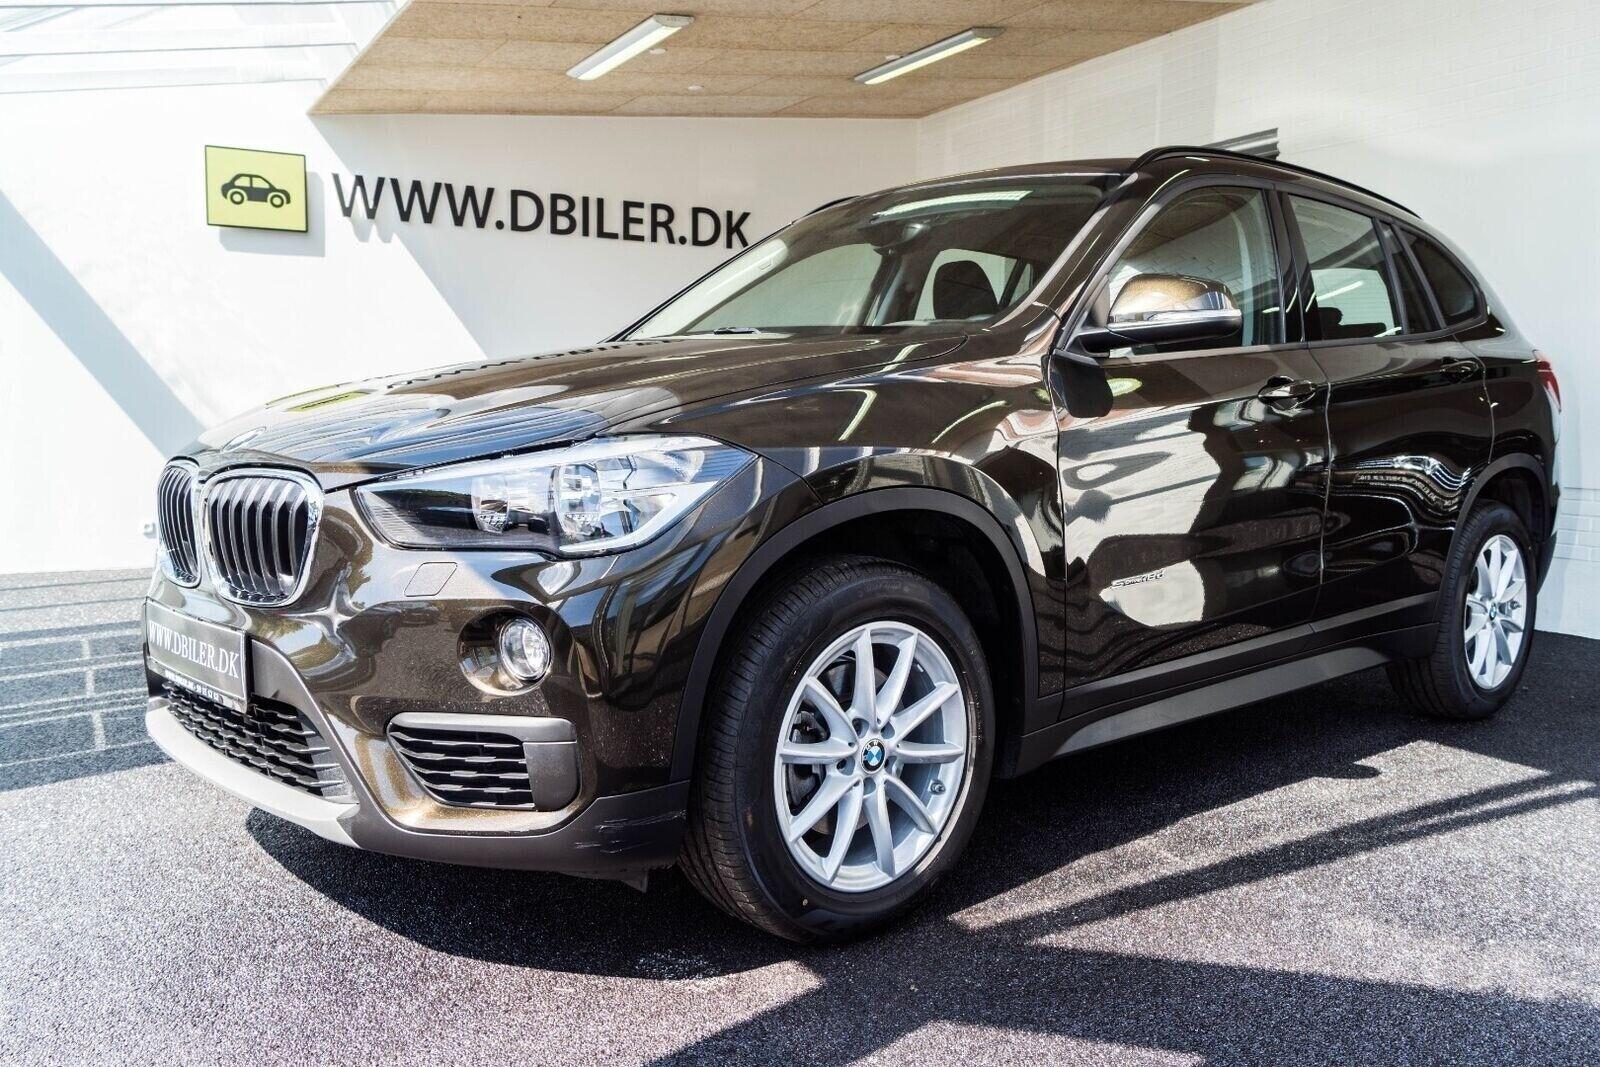 BMW X1 2,0 sDrive18d aut. 5d - 319.000 kr.